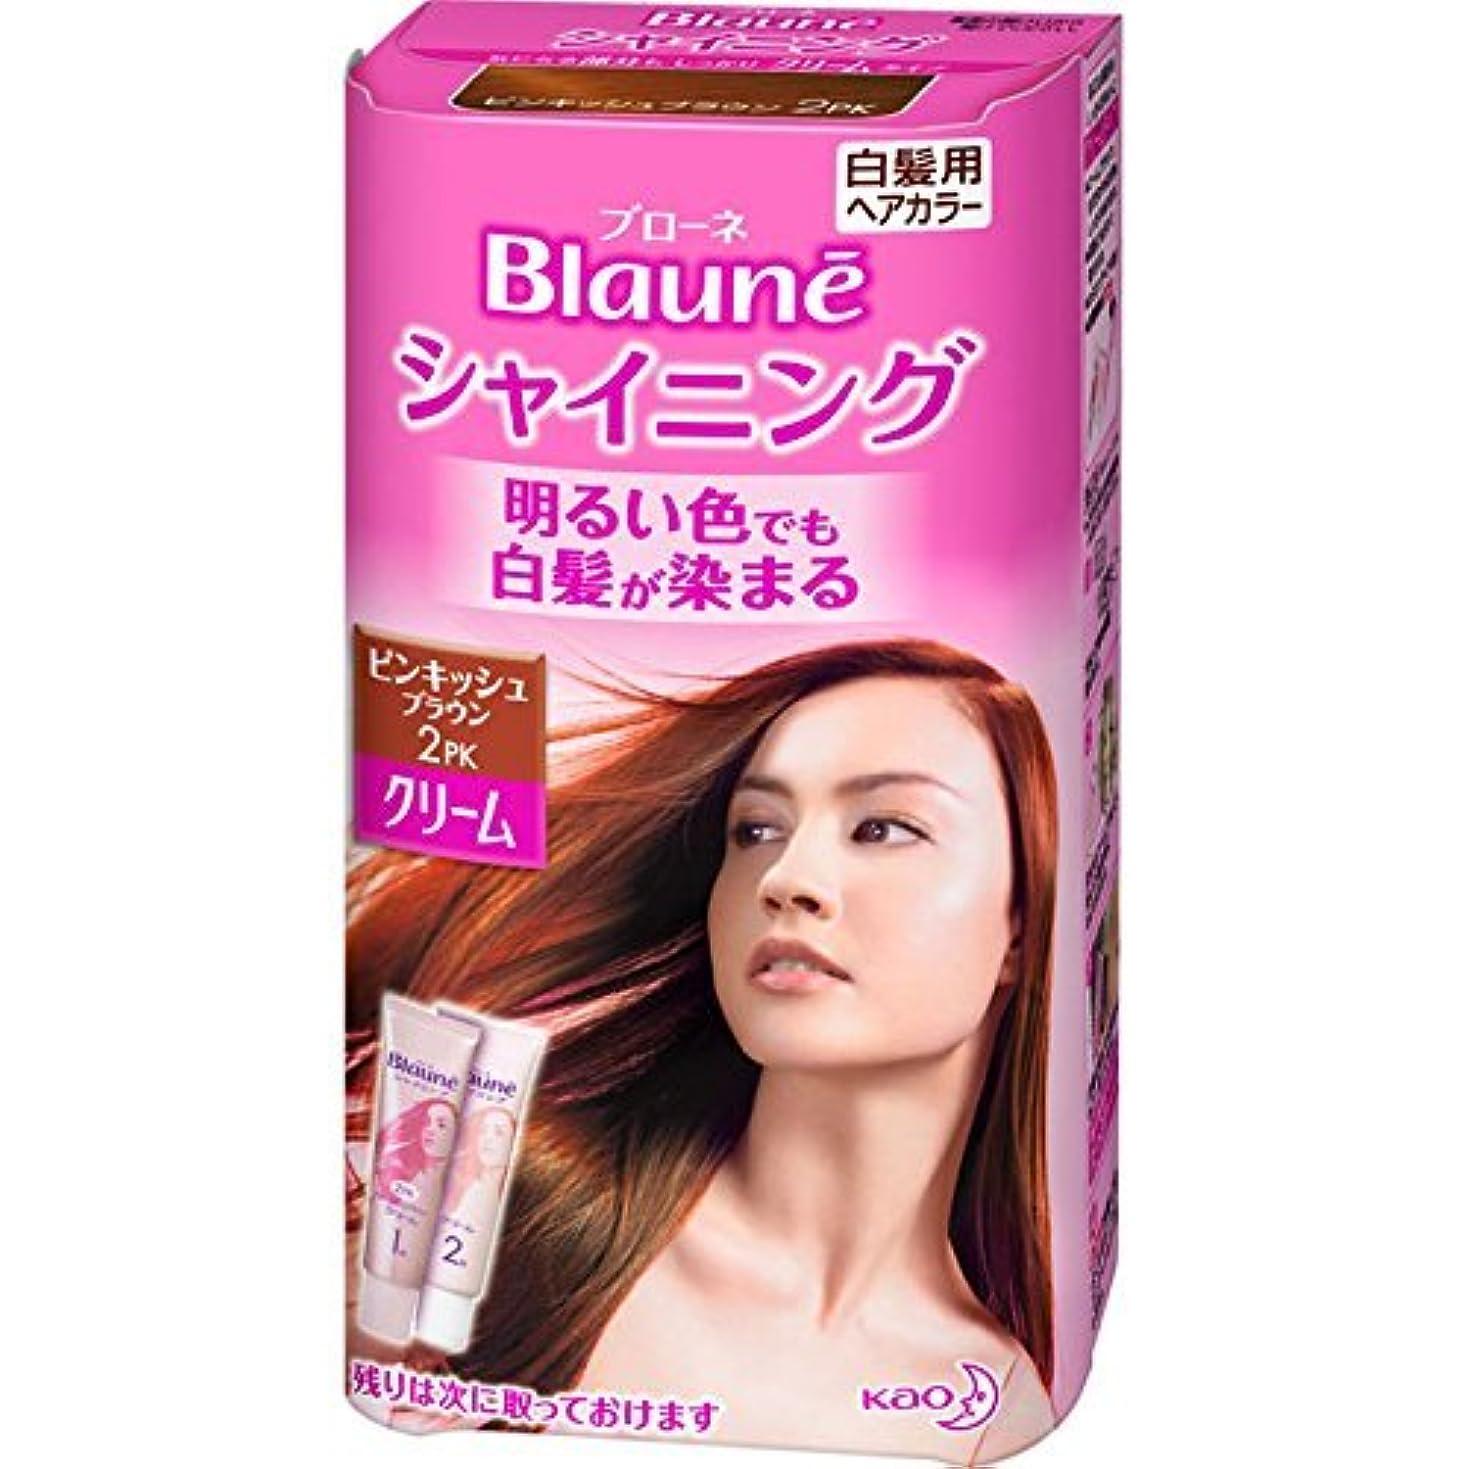 パブグレーカバー花王 ブローネ シャイニングヘアカラー クリーム 2PK 1剤50g/2剤50g(医薬部外品)《各50g》